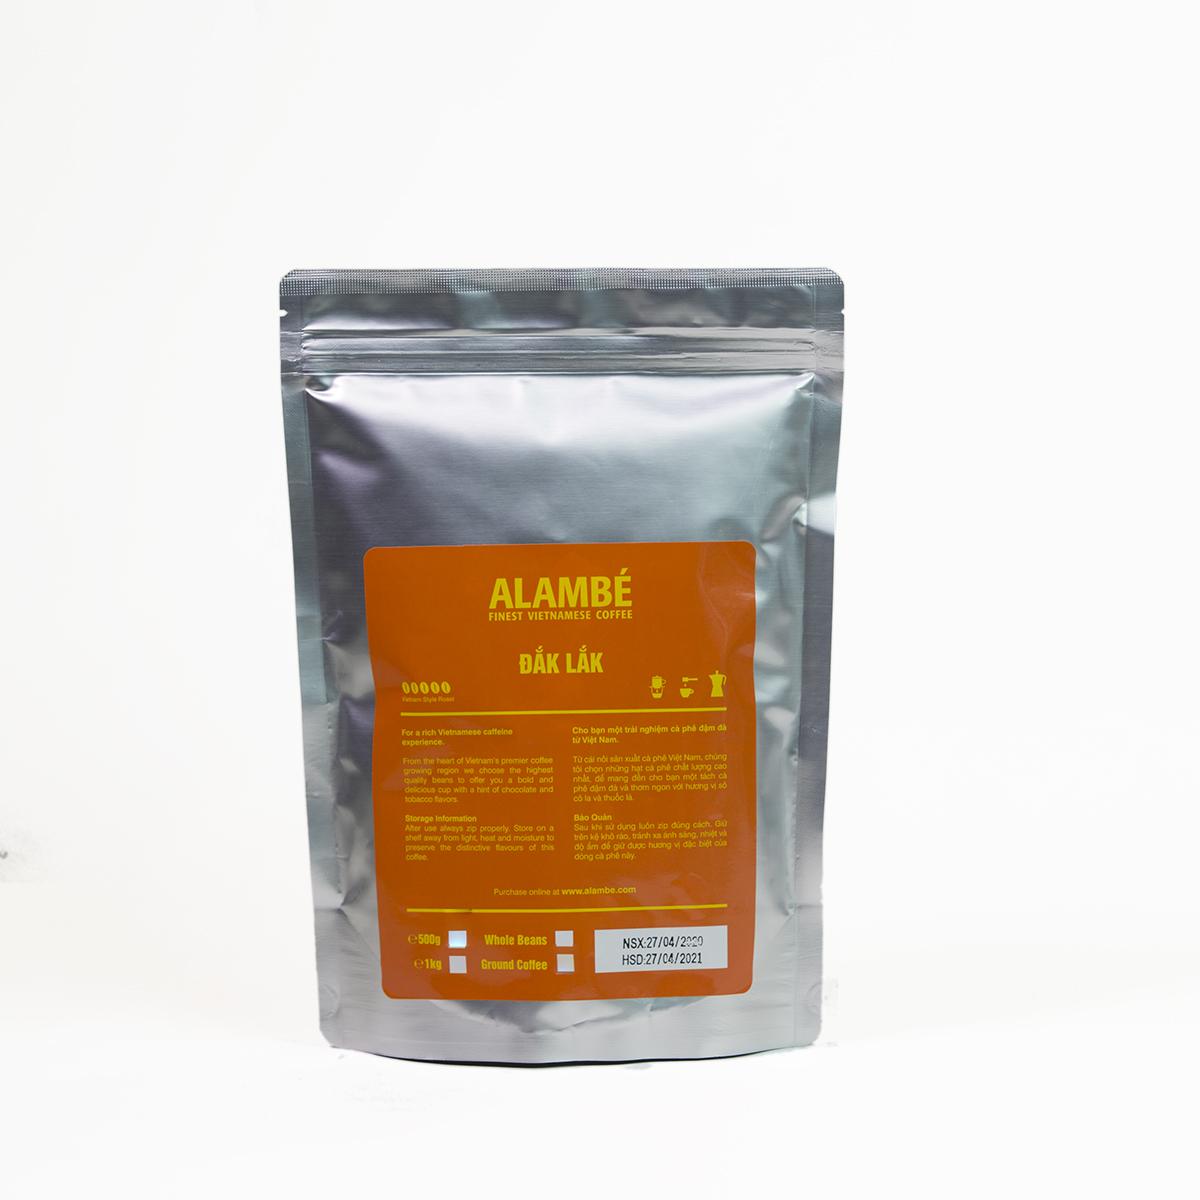 Cà phê nguyên hạt Đắk Lắk ALAMBÉ 500g